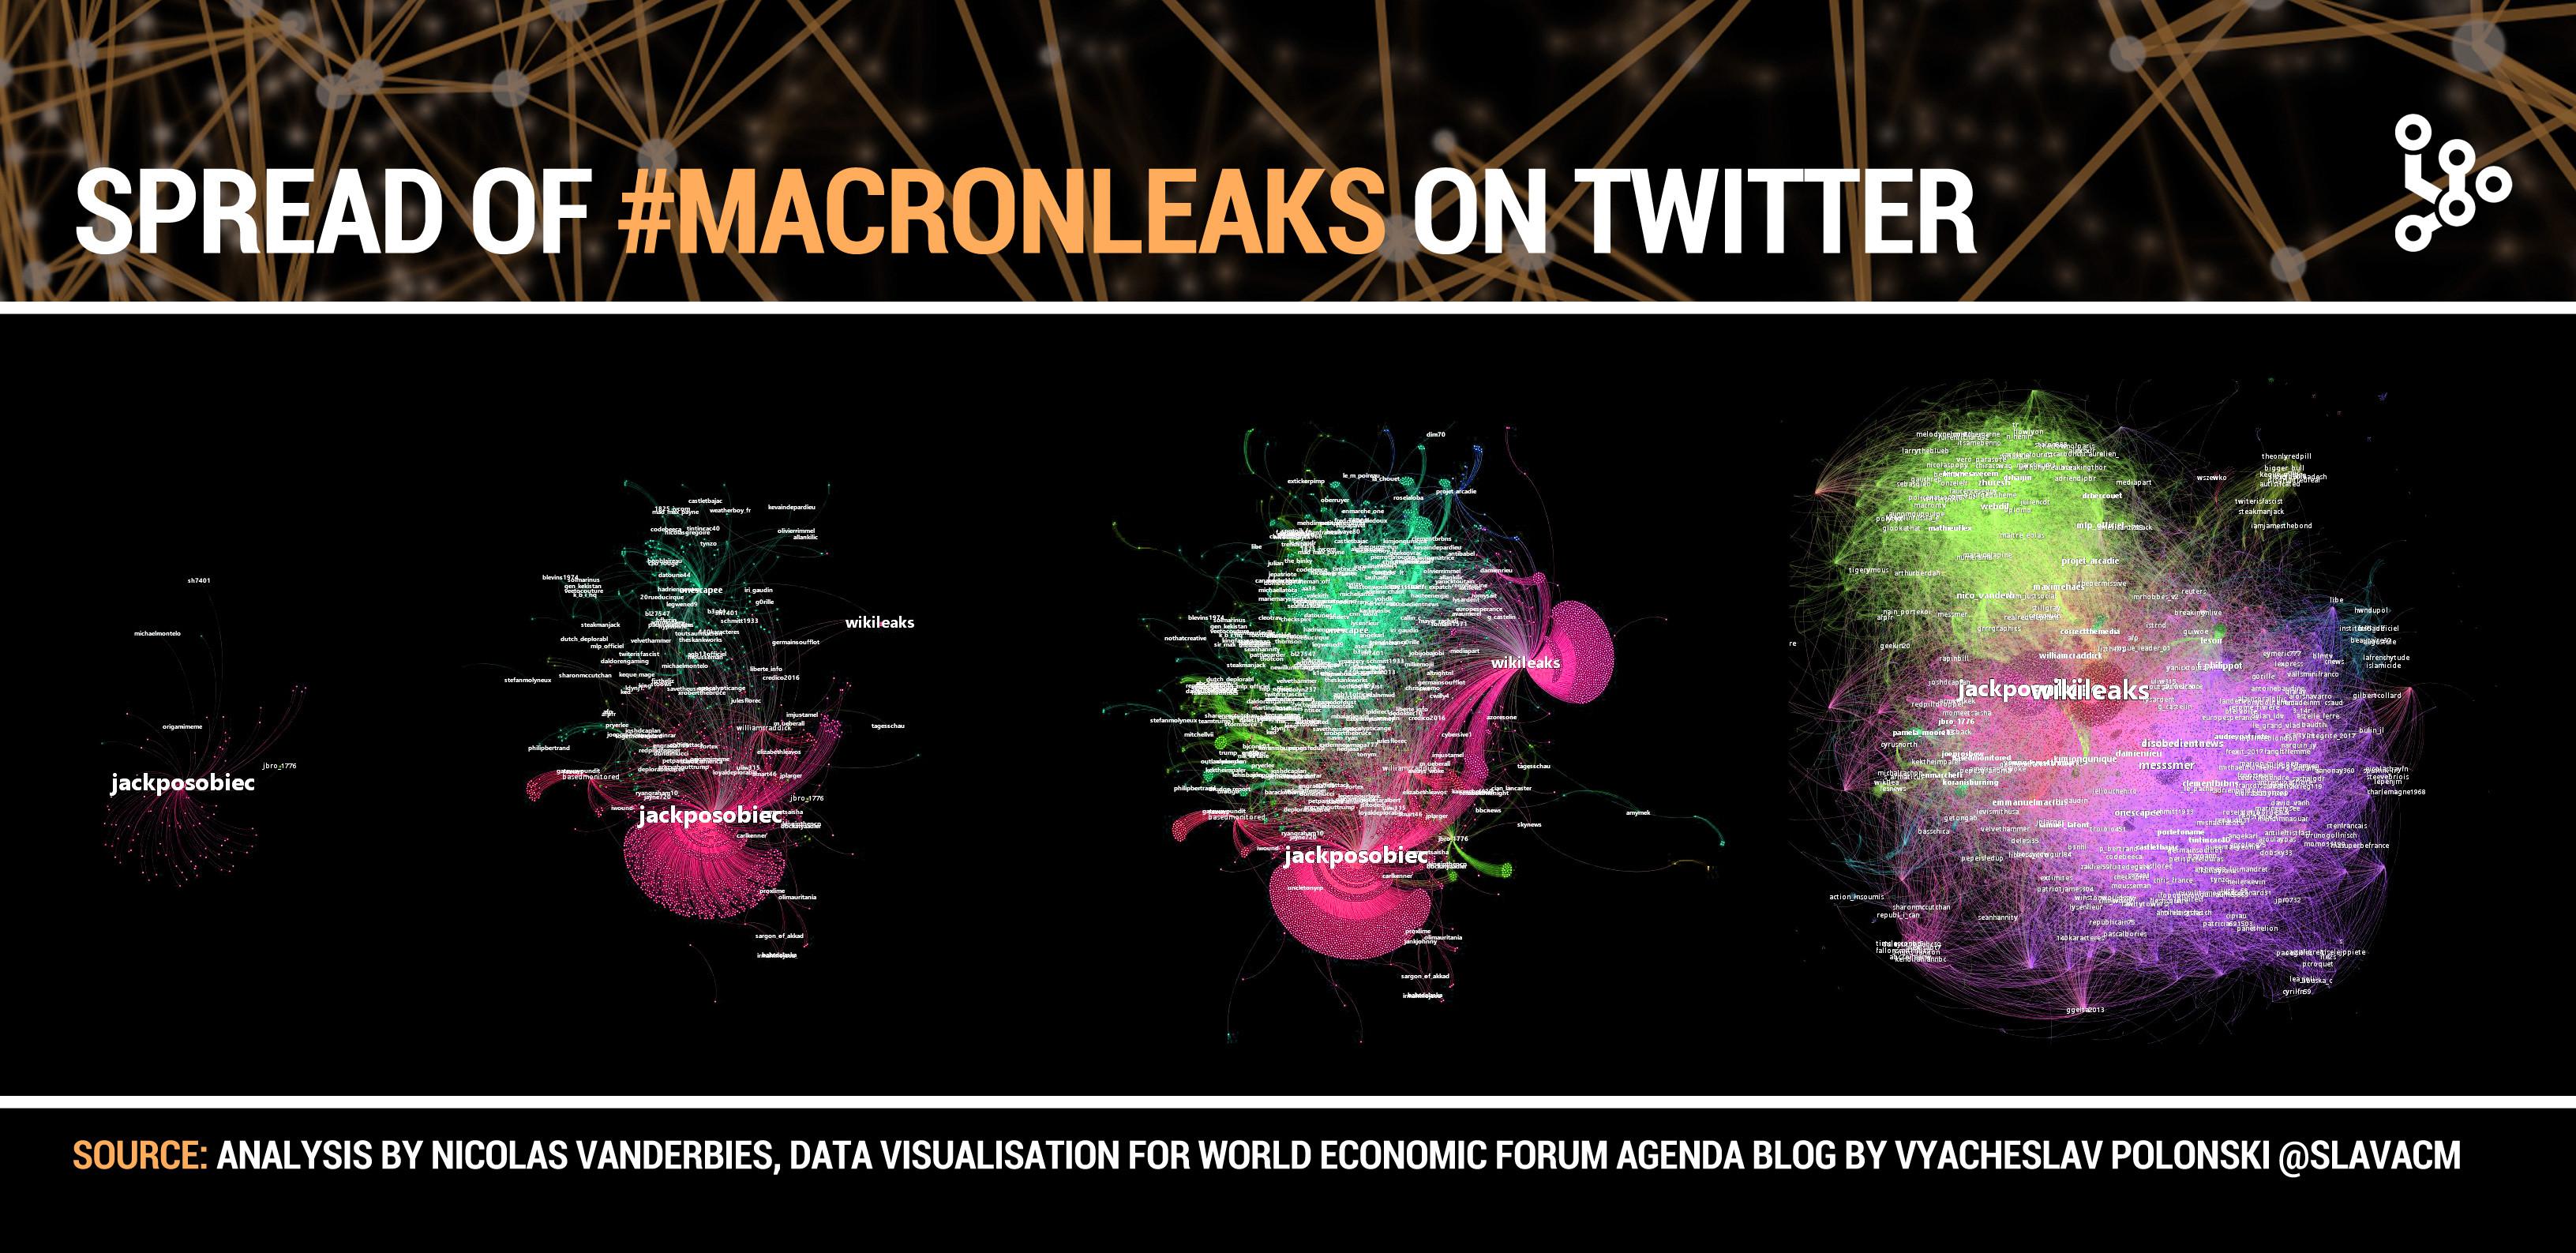 La difusión de los supuestos #macronleaks en Twitter (Fuente: https://assets.weforum.org/editor/n7SN-w3v-igjxWpx7WHrXpv86HIFBPzXBmGJs3kfcCw.jpg)